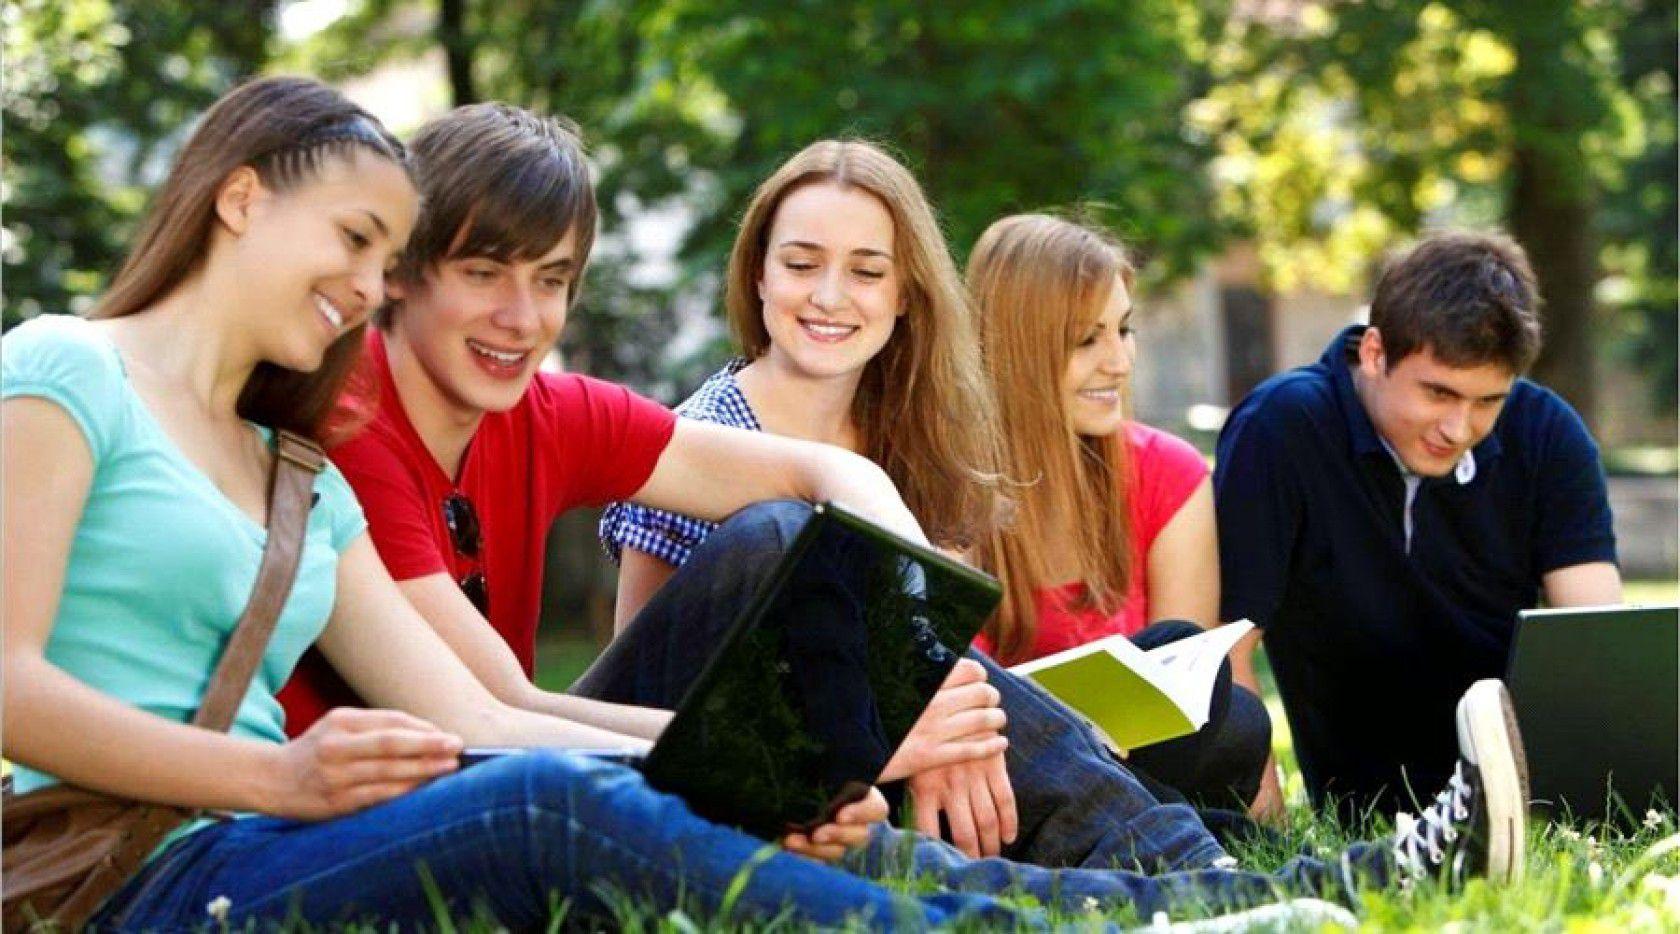 Kanada Alberta'da Özel Yatılı Lise Eğitimi Ve Kampüs Hayatı Nasıldır?